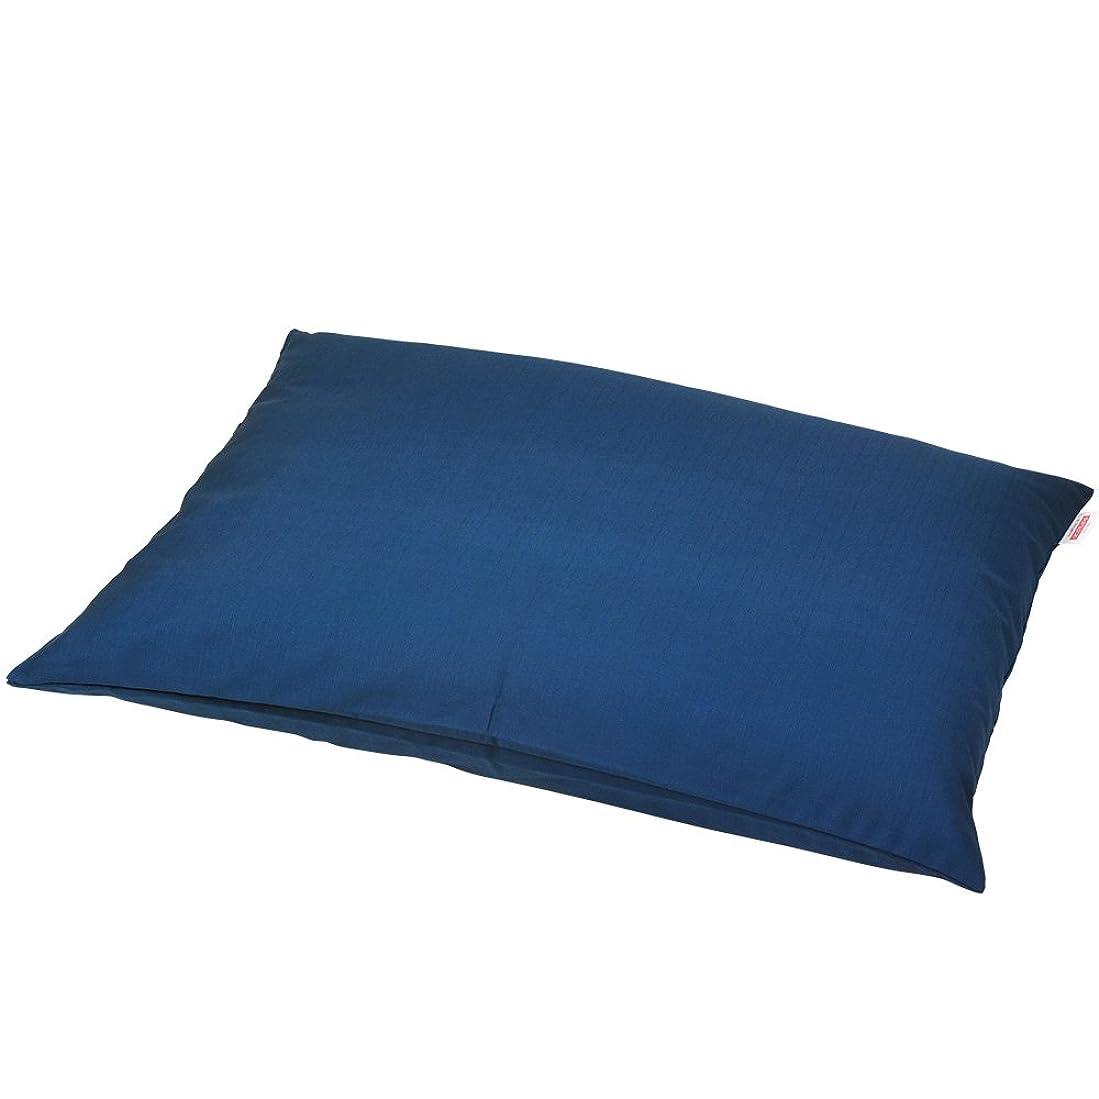 秘密の弾性砦枕カバー 60×80cmの枕用 紬クロス ファスナー式 ステッチ仕上げ 日本製 枕 綿 ブルー